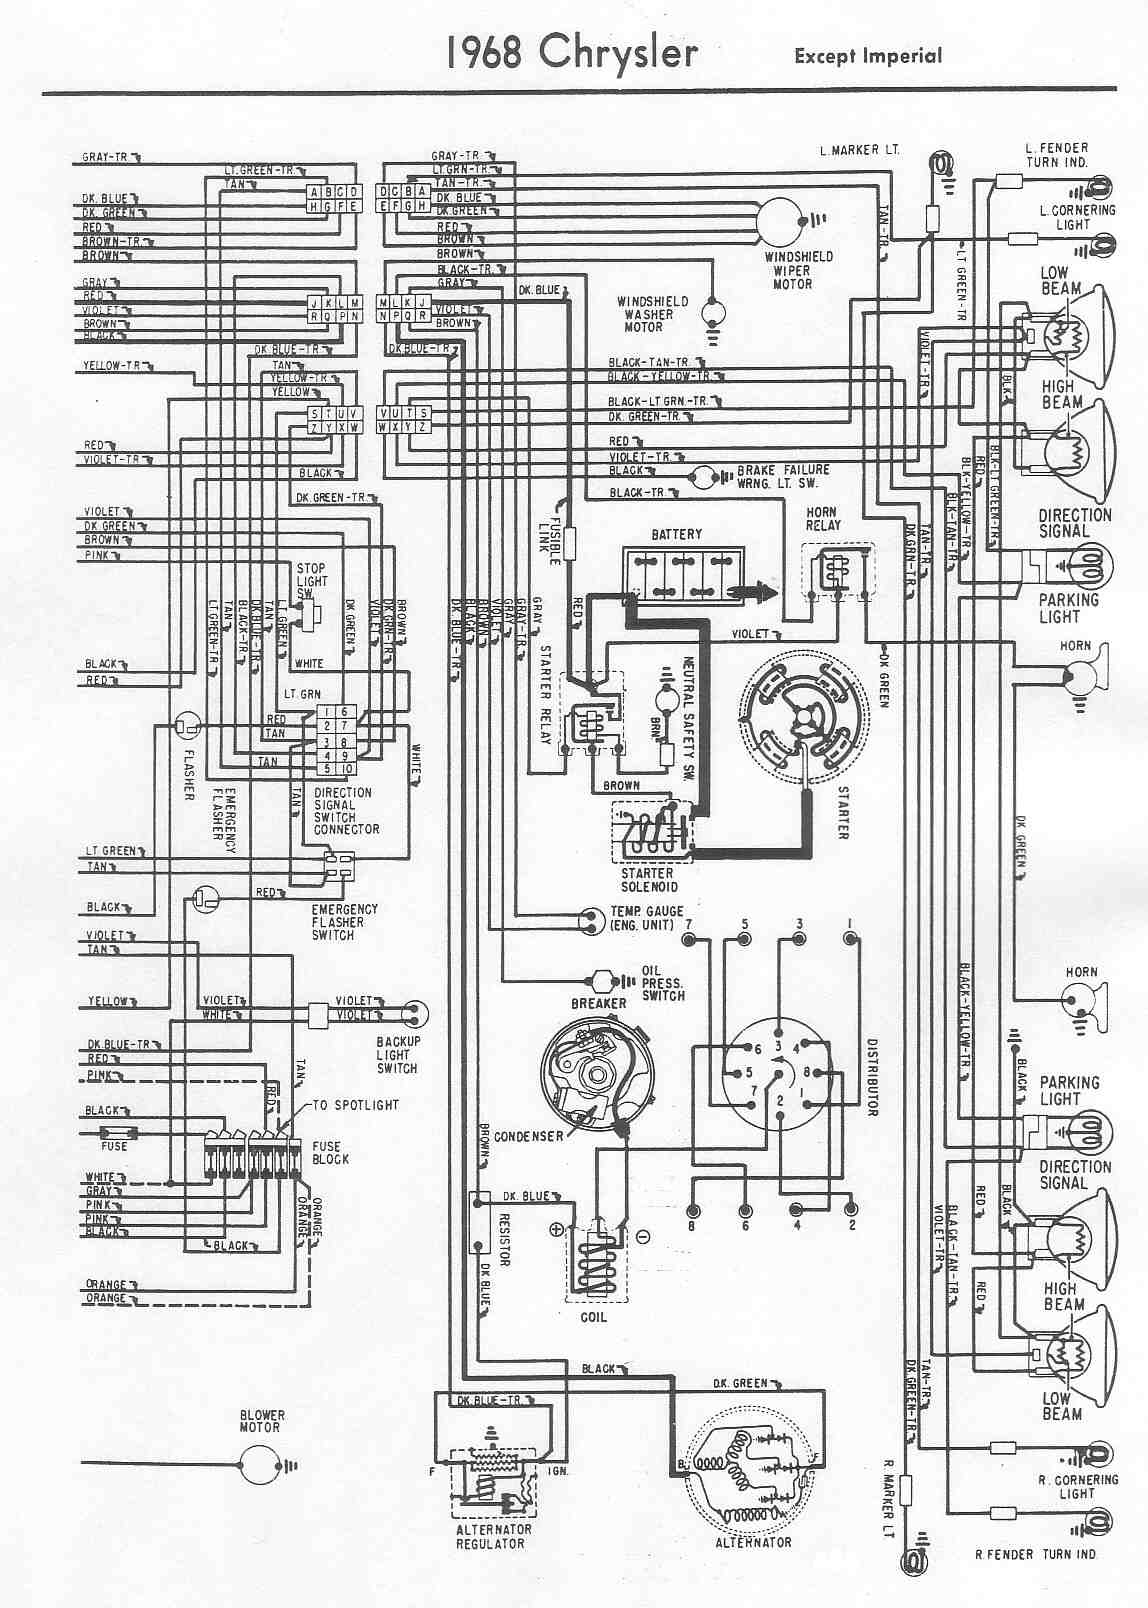 1959 Chrysler Wiring Diagram Manual E Books 1965 Plymouth Barracuda Schematic 1958 Imperial Diagrammopar Electronic Diagrams Clickmopar